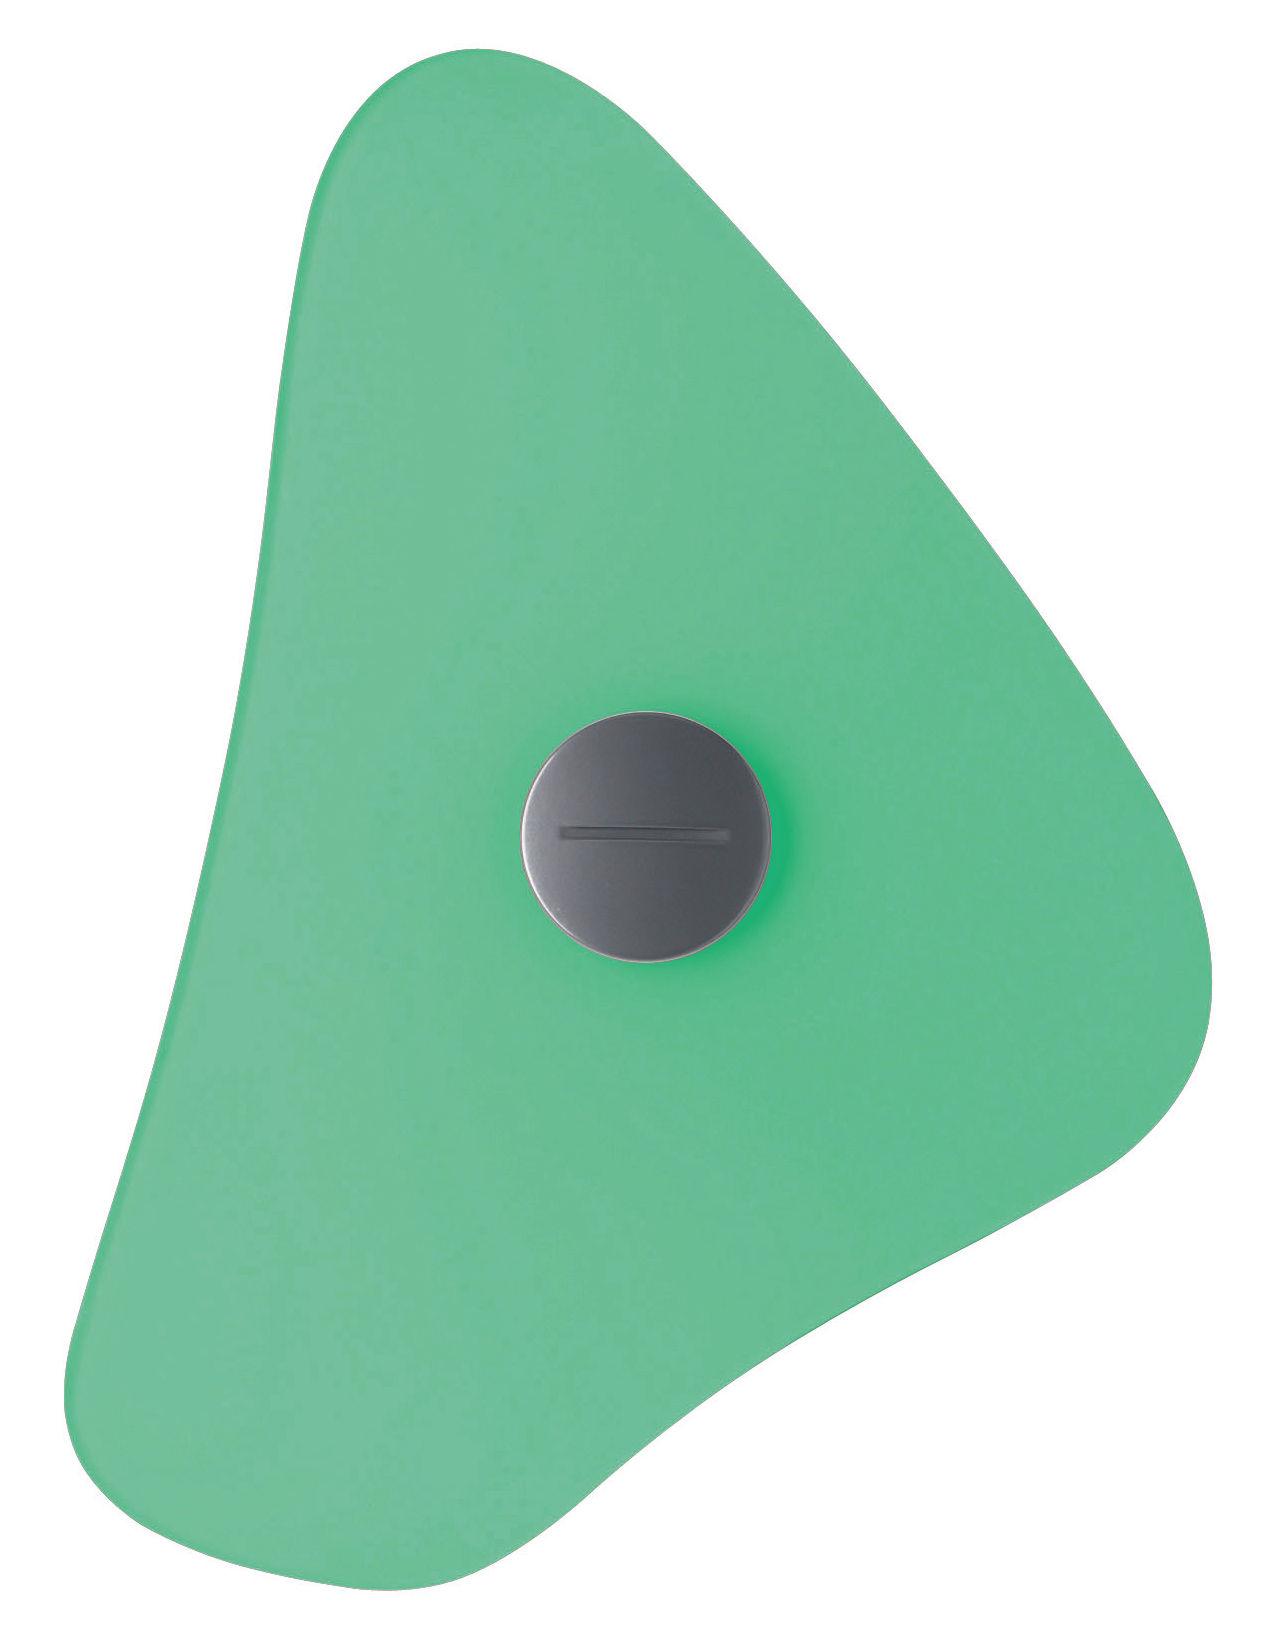 Illuminazione - Lampade da parete - Applique con presa Bit 4 di Foscarini - Verde - Metallo, Vetro